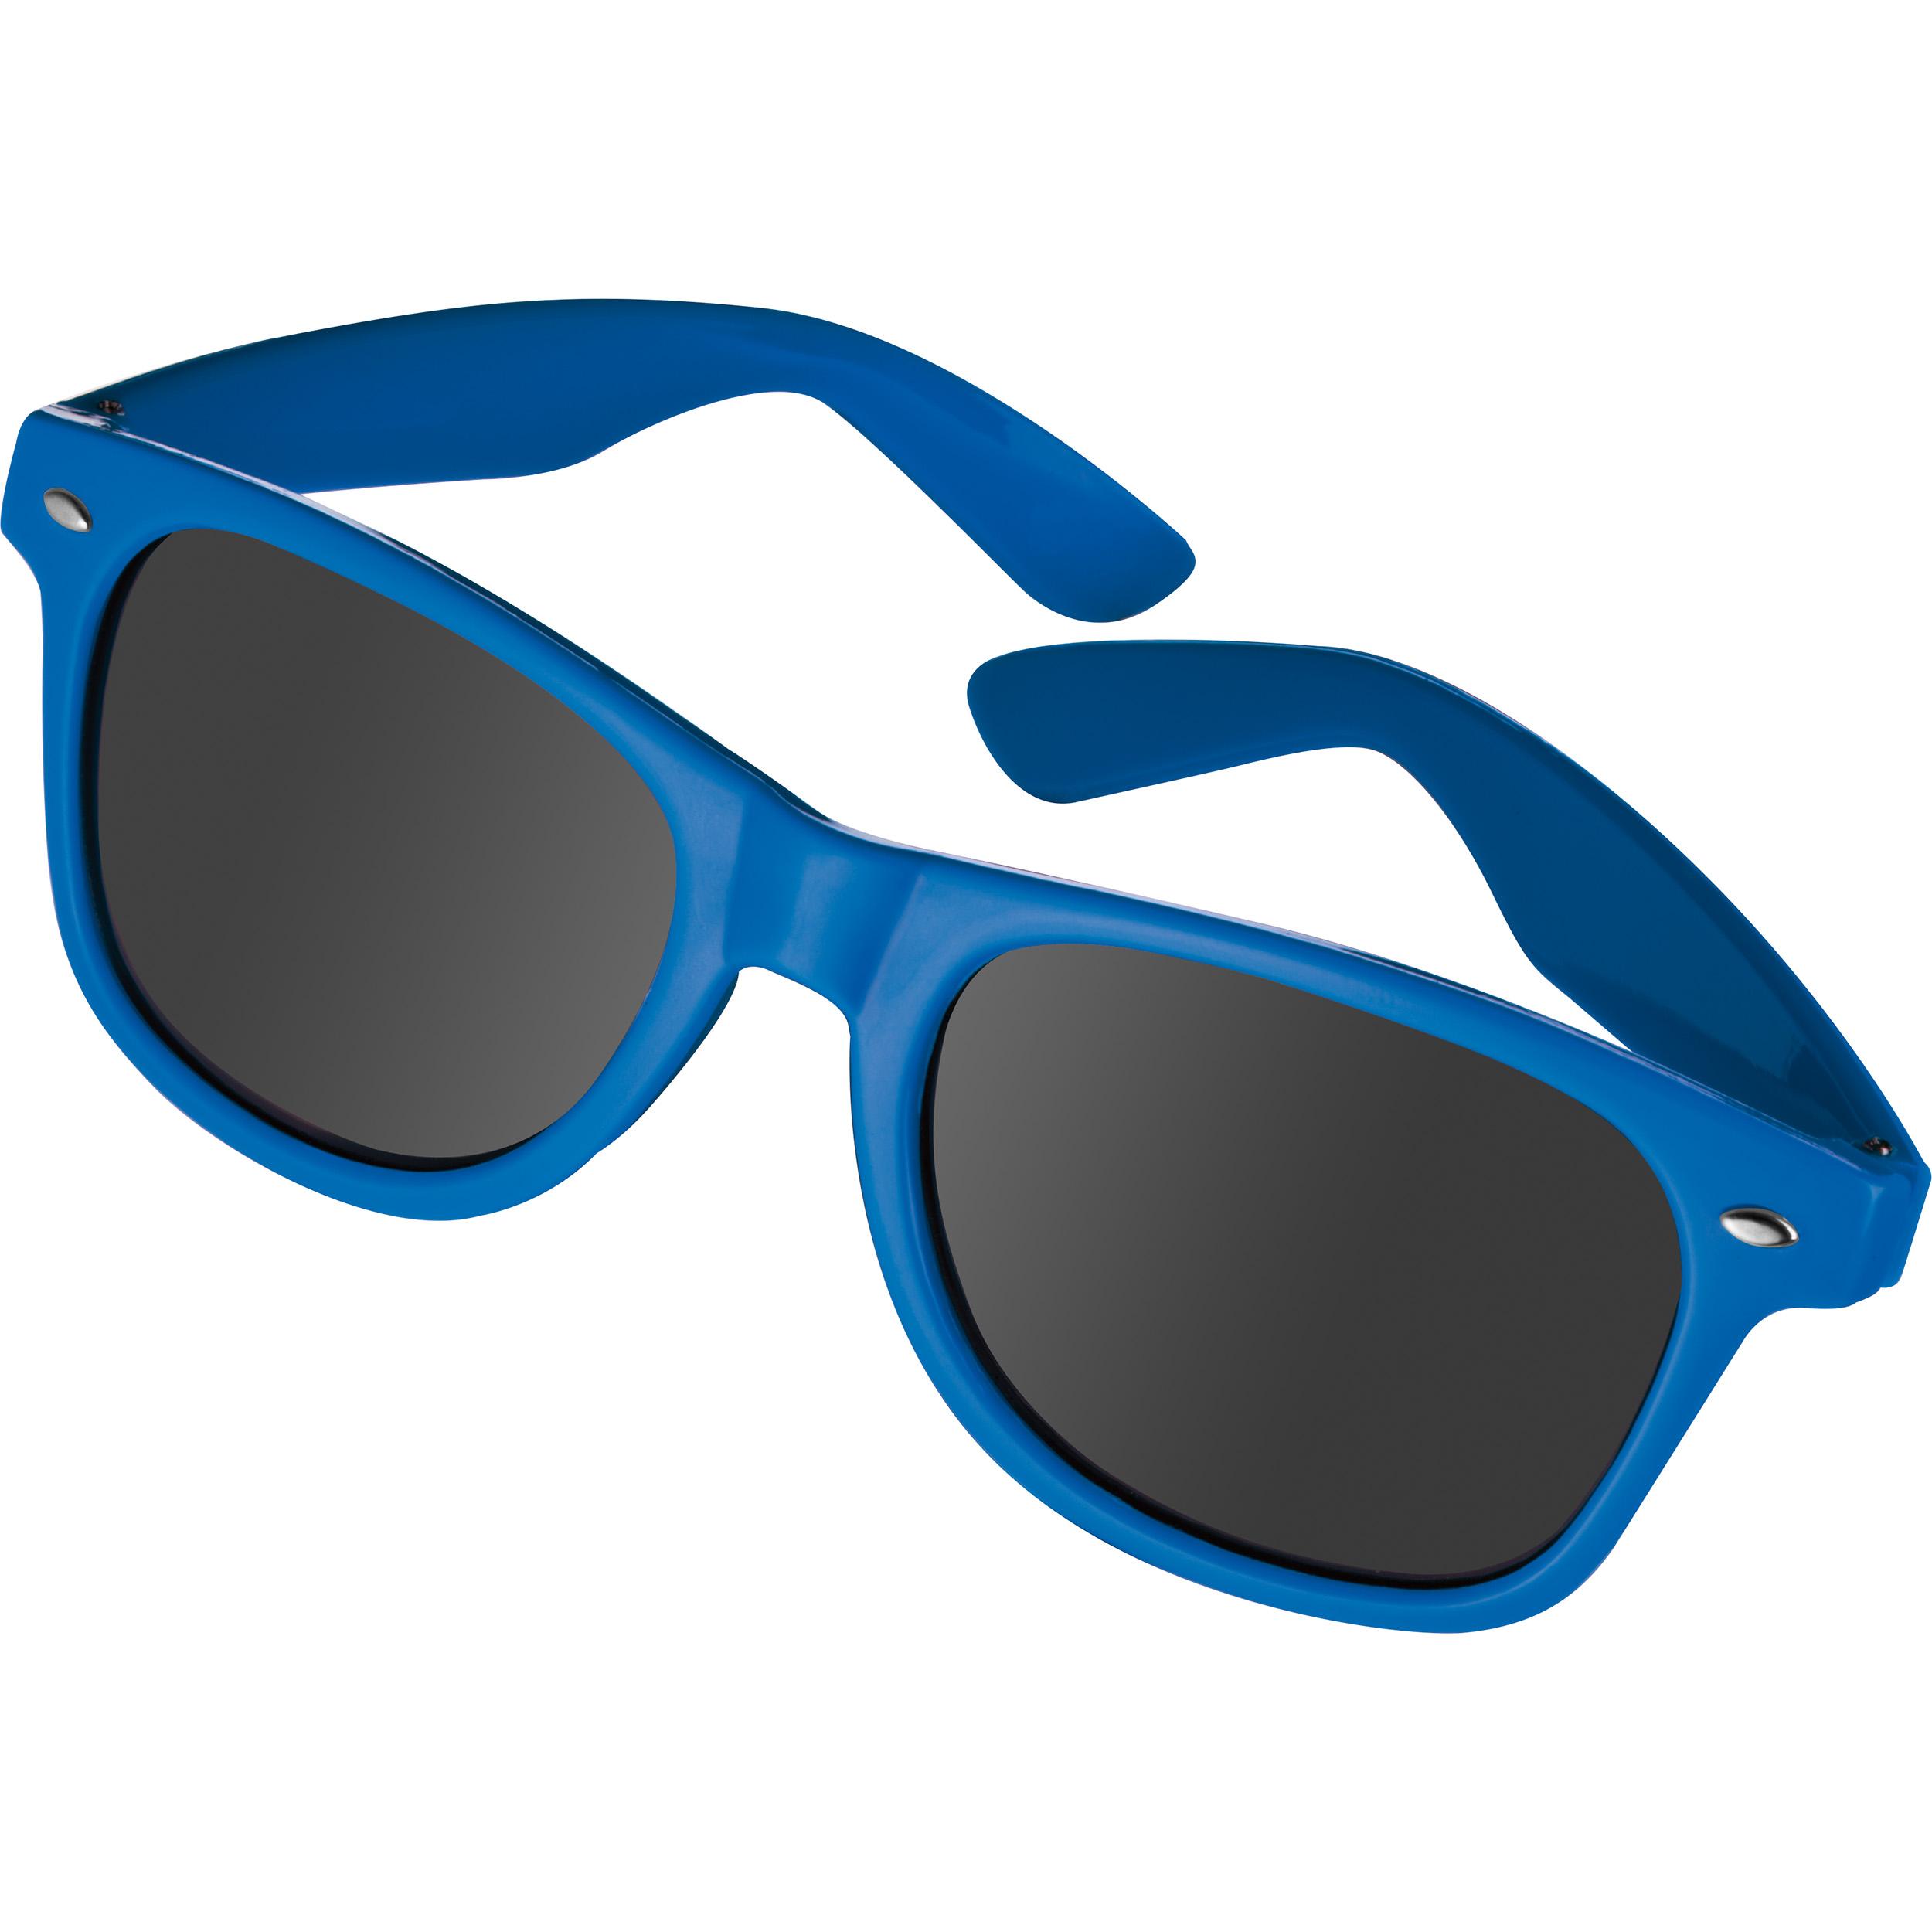 """Sonnenbrille aus Kunststoff im """"Nerdlook"""", UV 400 Schutz"""